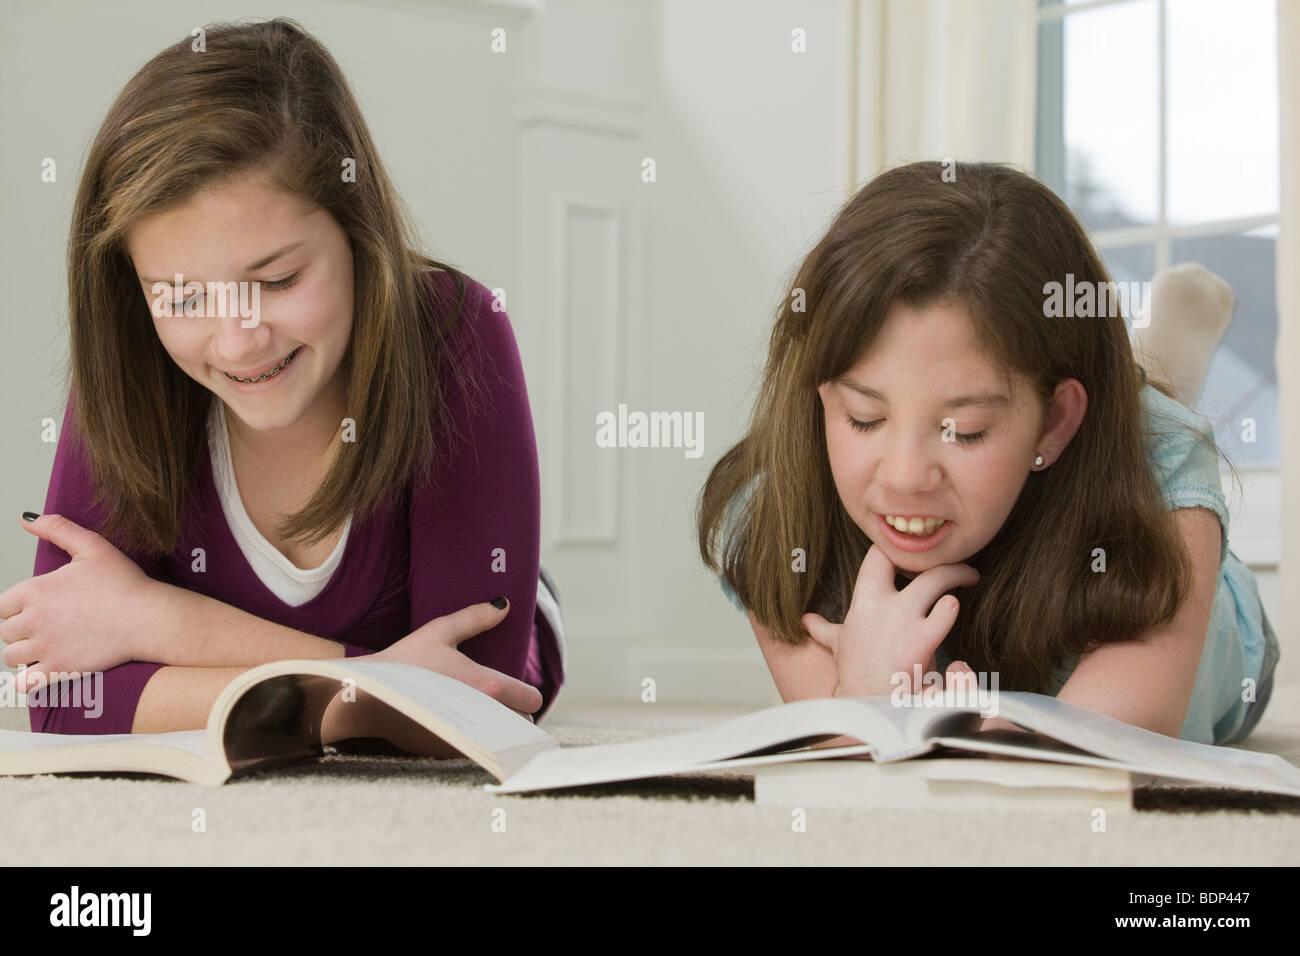 Zwei Mädchen im Teenageralter gemeinsam studieren Stockbild